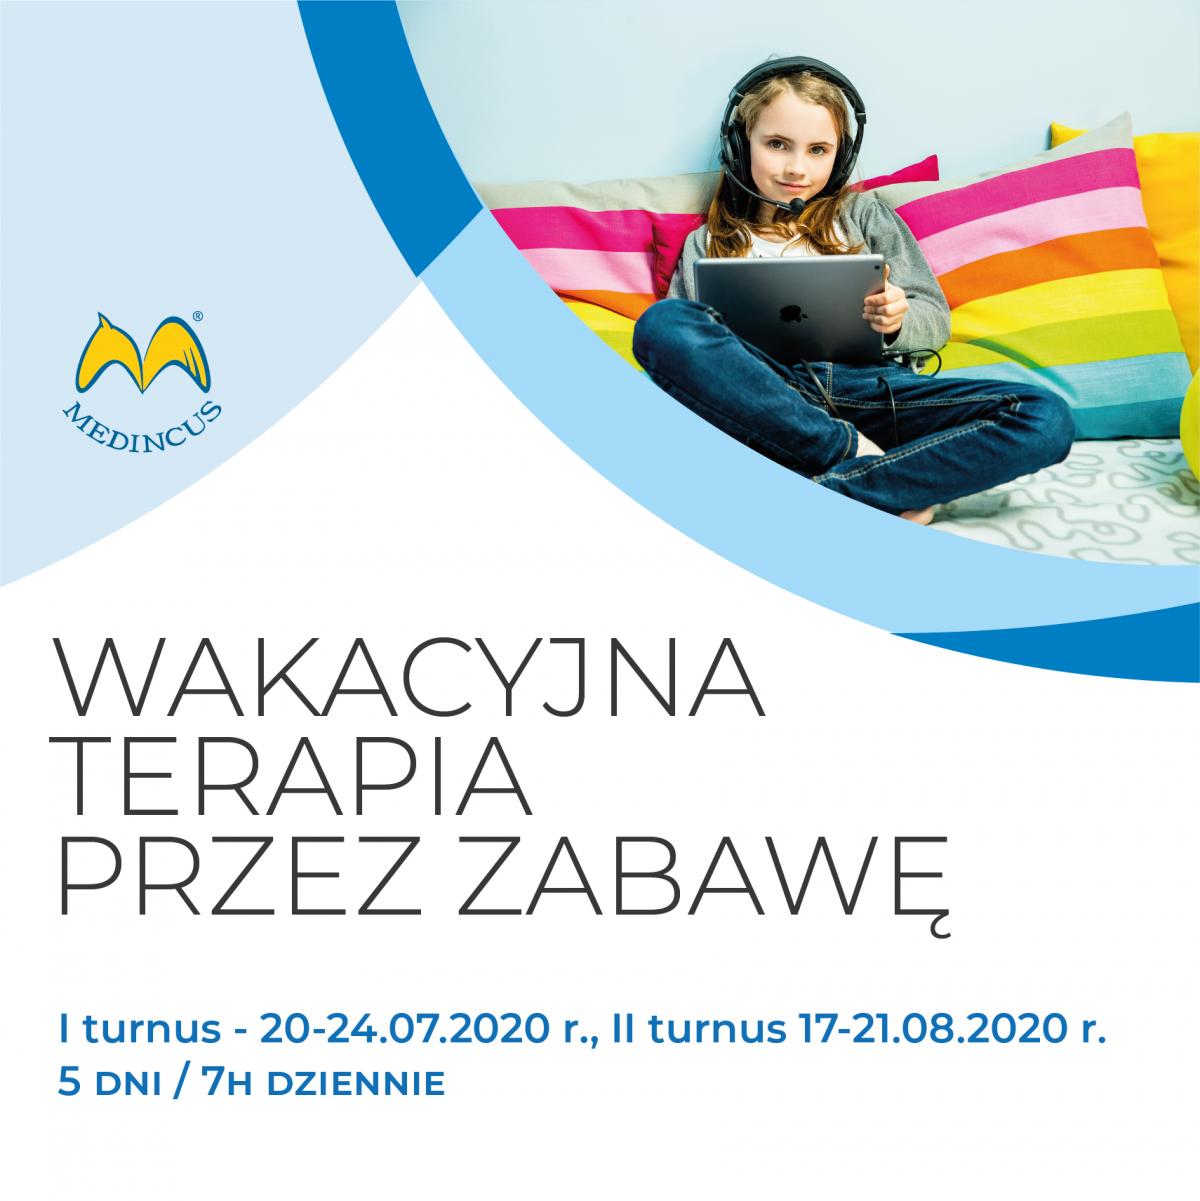 20200707_Wakacyjna-terapia-poprzez-zabawę-kopia-02-03-1200x1201.png